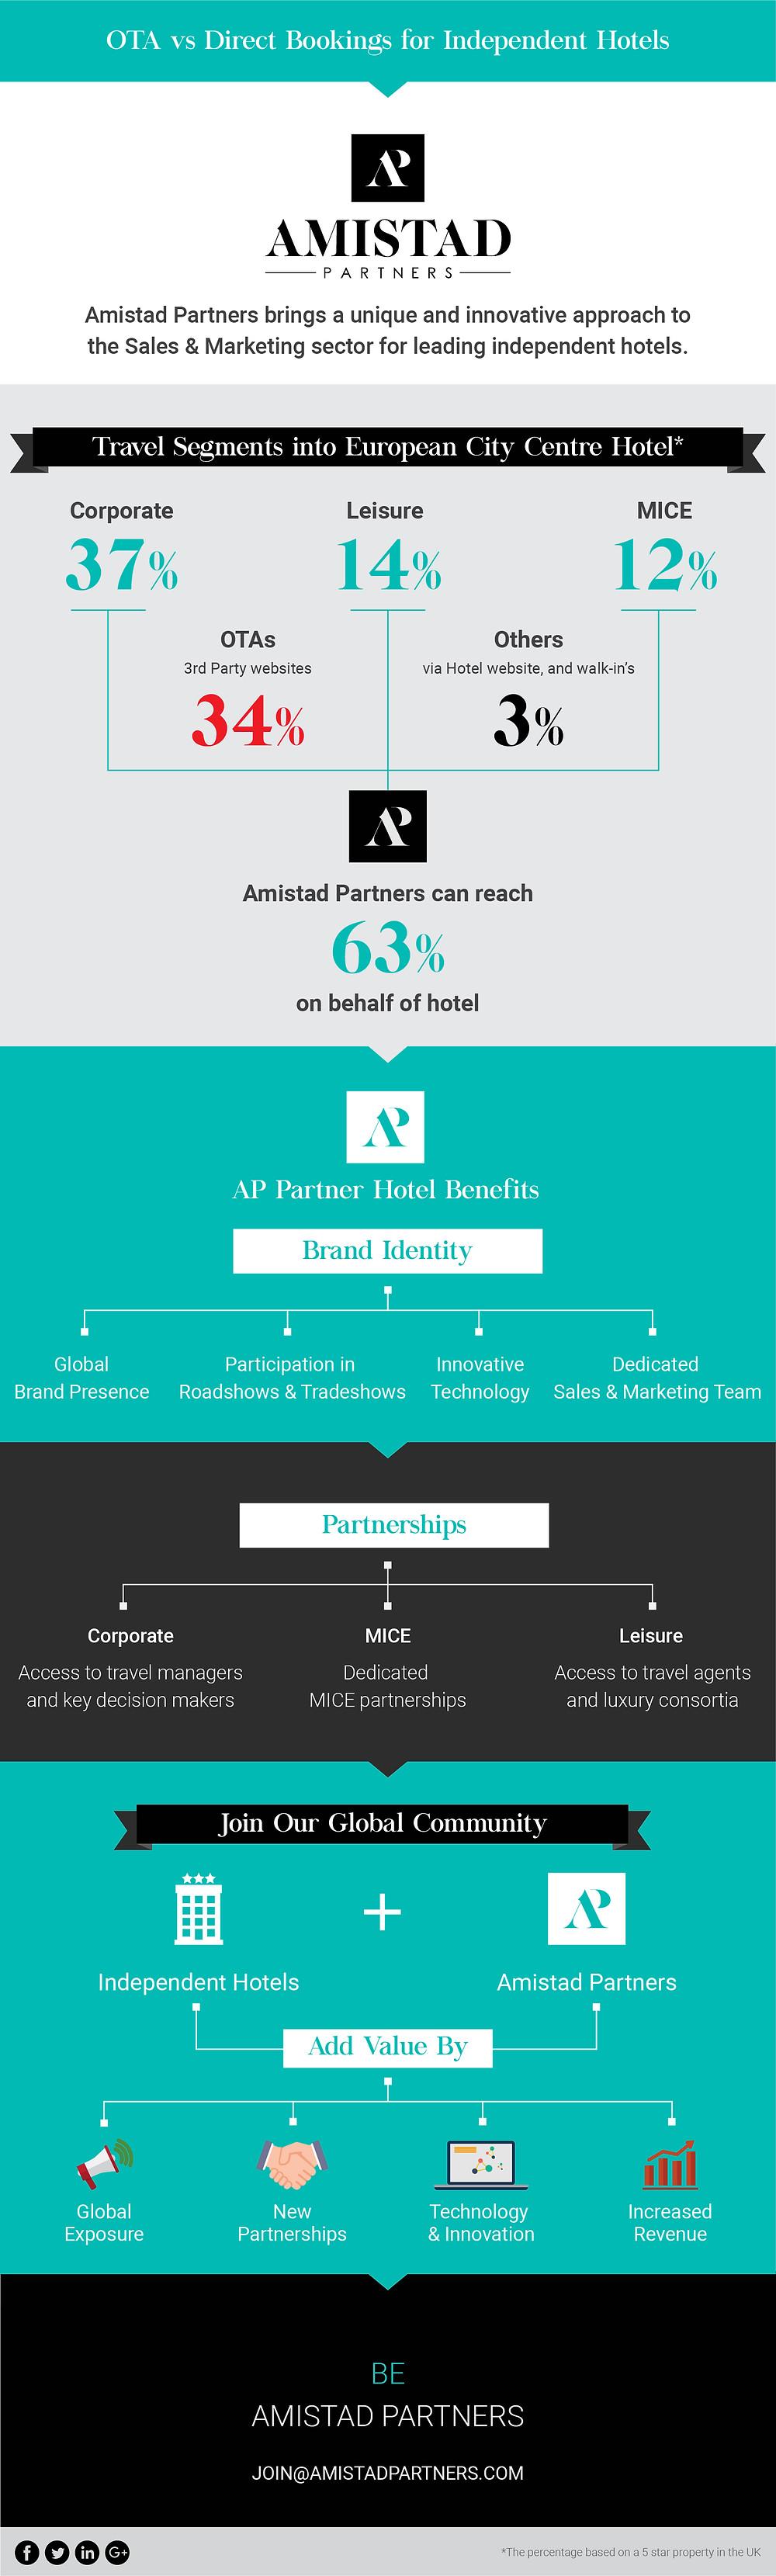 OTA-VS-Direct-Bookings